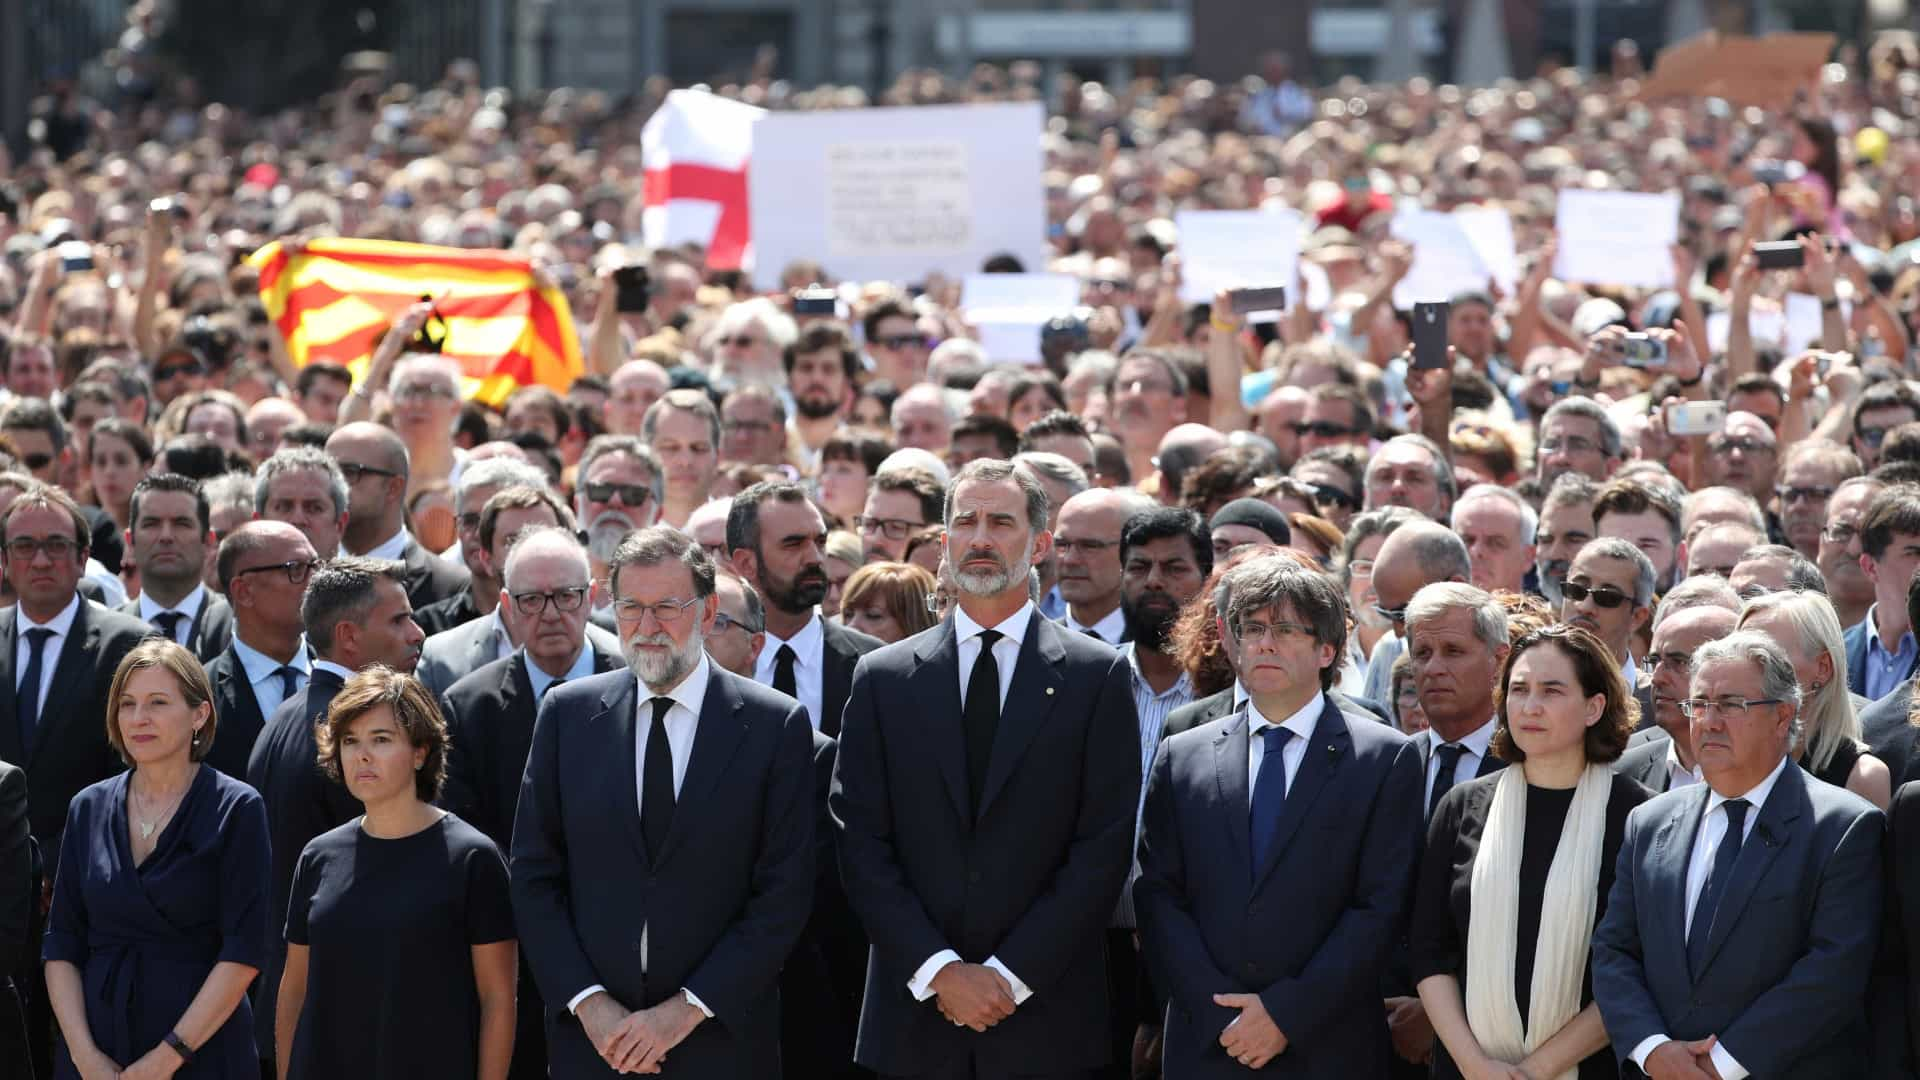 Cumpriu-se minuto de silêncio pelas vítimas do ataque em Barcelona